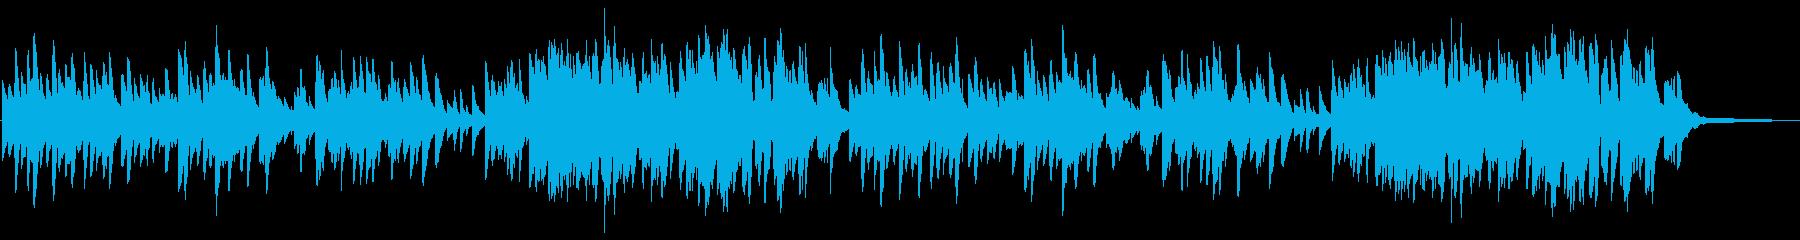 やさしい雰囲気のピアノ曲 3拍子の再生済みの波形